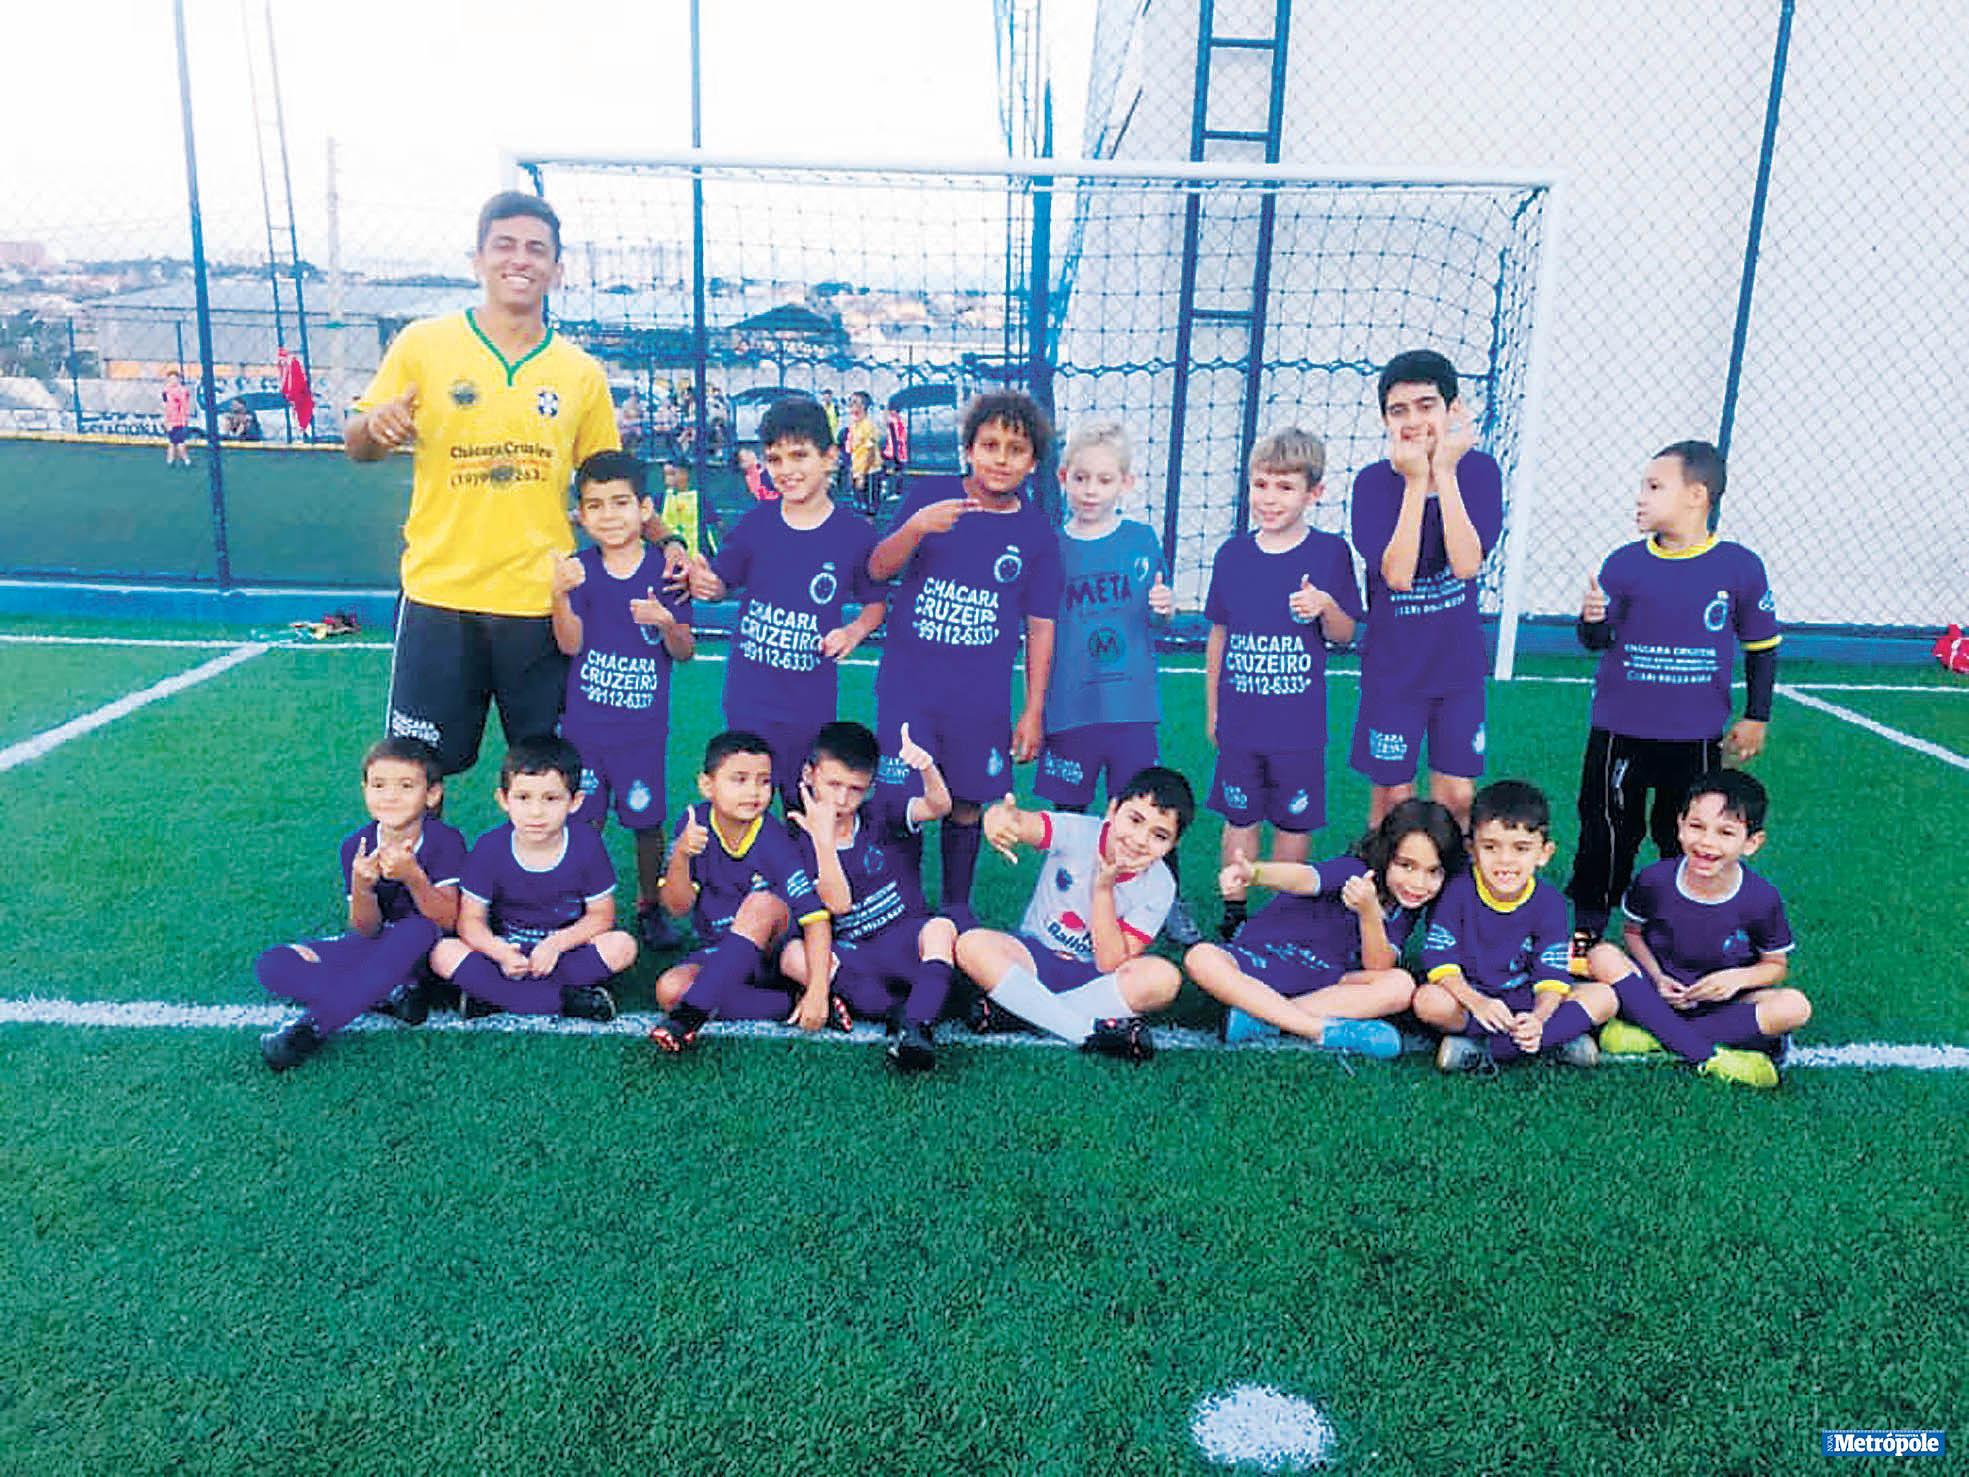 26 - Estagiário Lucas e alunos da categoria Sub-7 da Escola de Futebol Oficial do Cruzeiro em recente treinamento